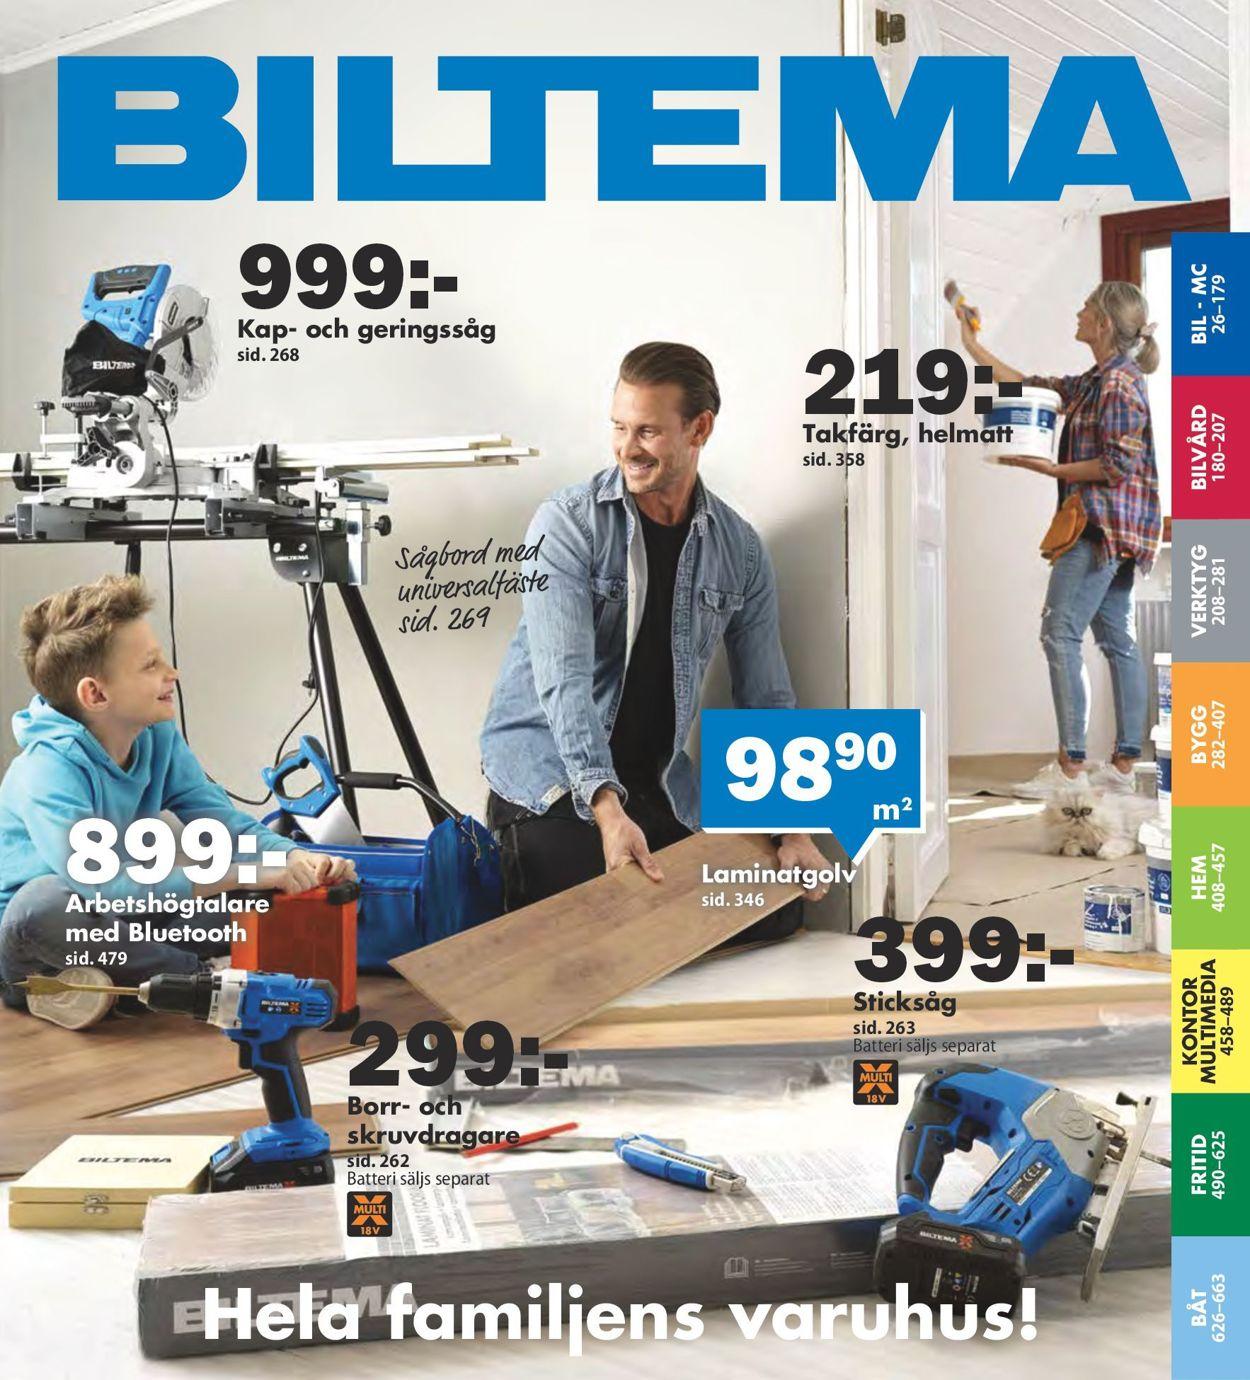 Reklamblad Biltema från 01/08-2020